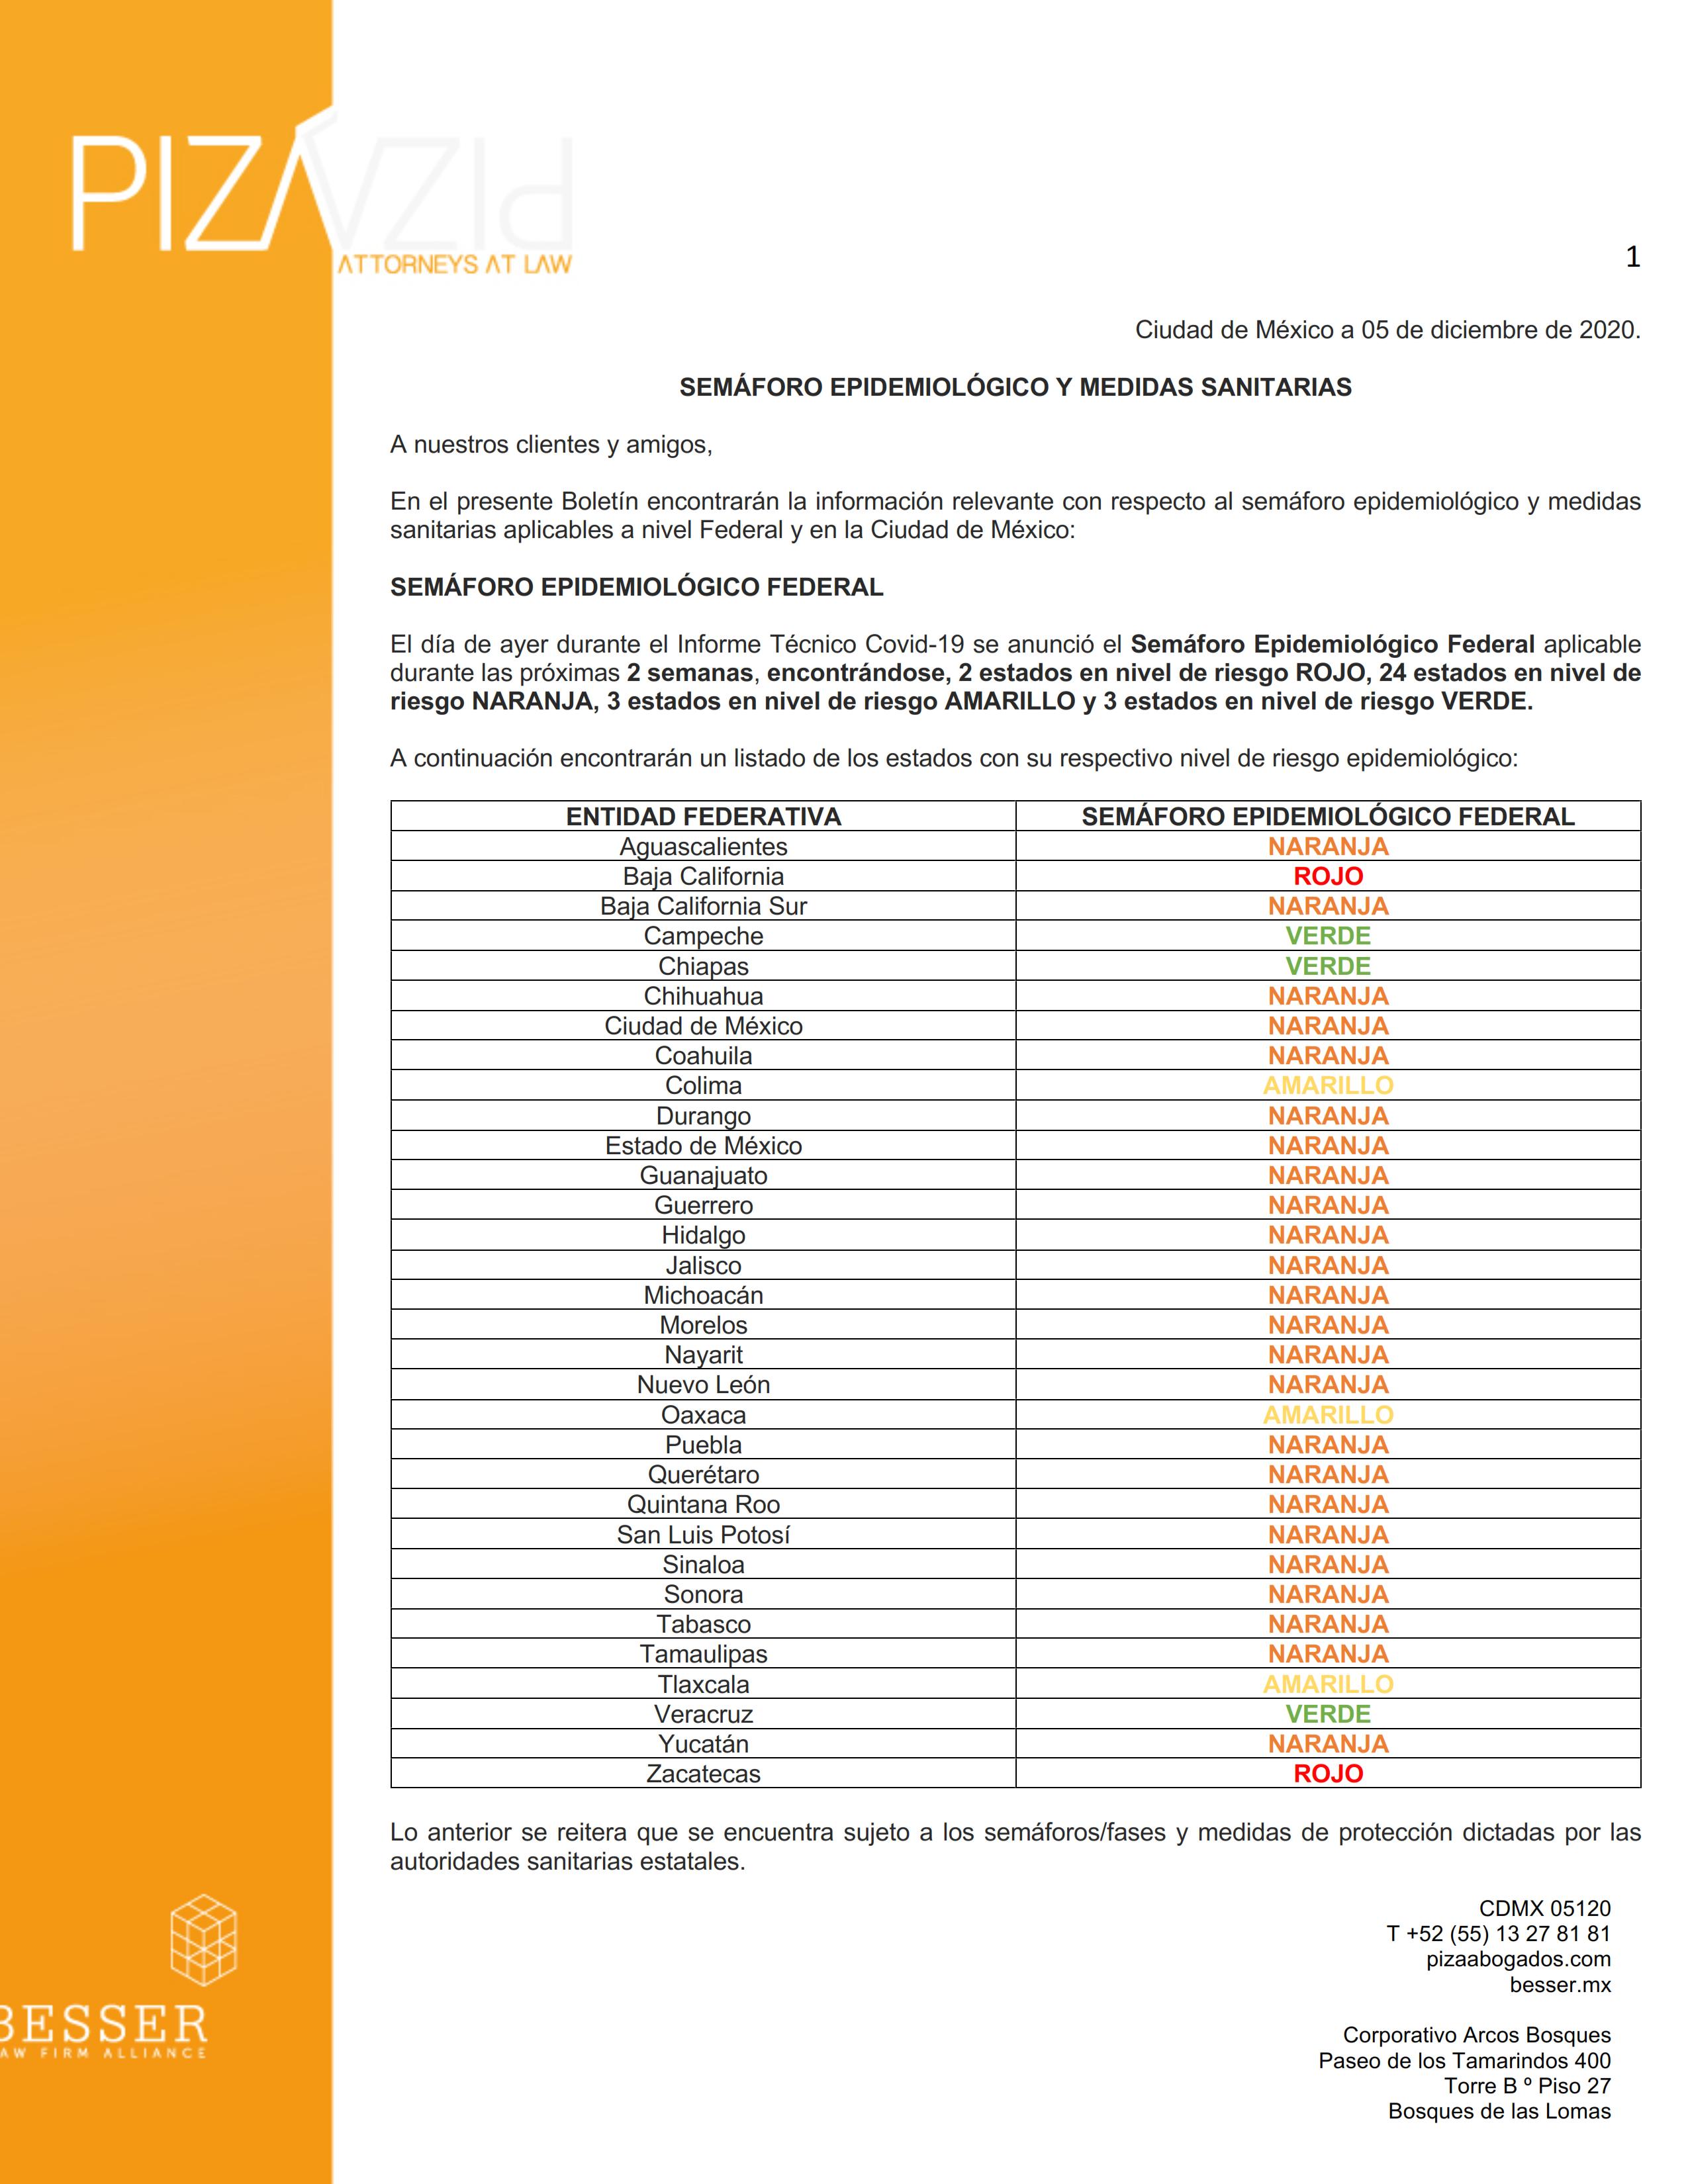 Semáforo Epidemiológico (Nivel Federal y Ciudad de México) (05 de diciembre de 2020)